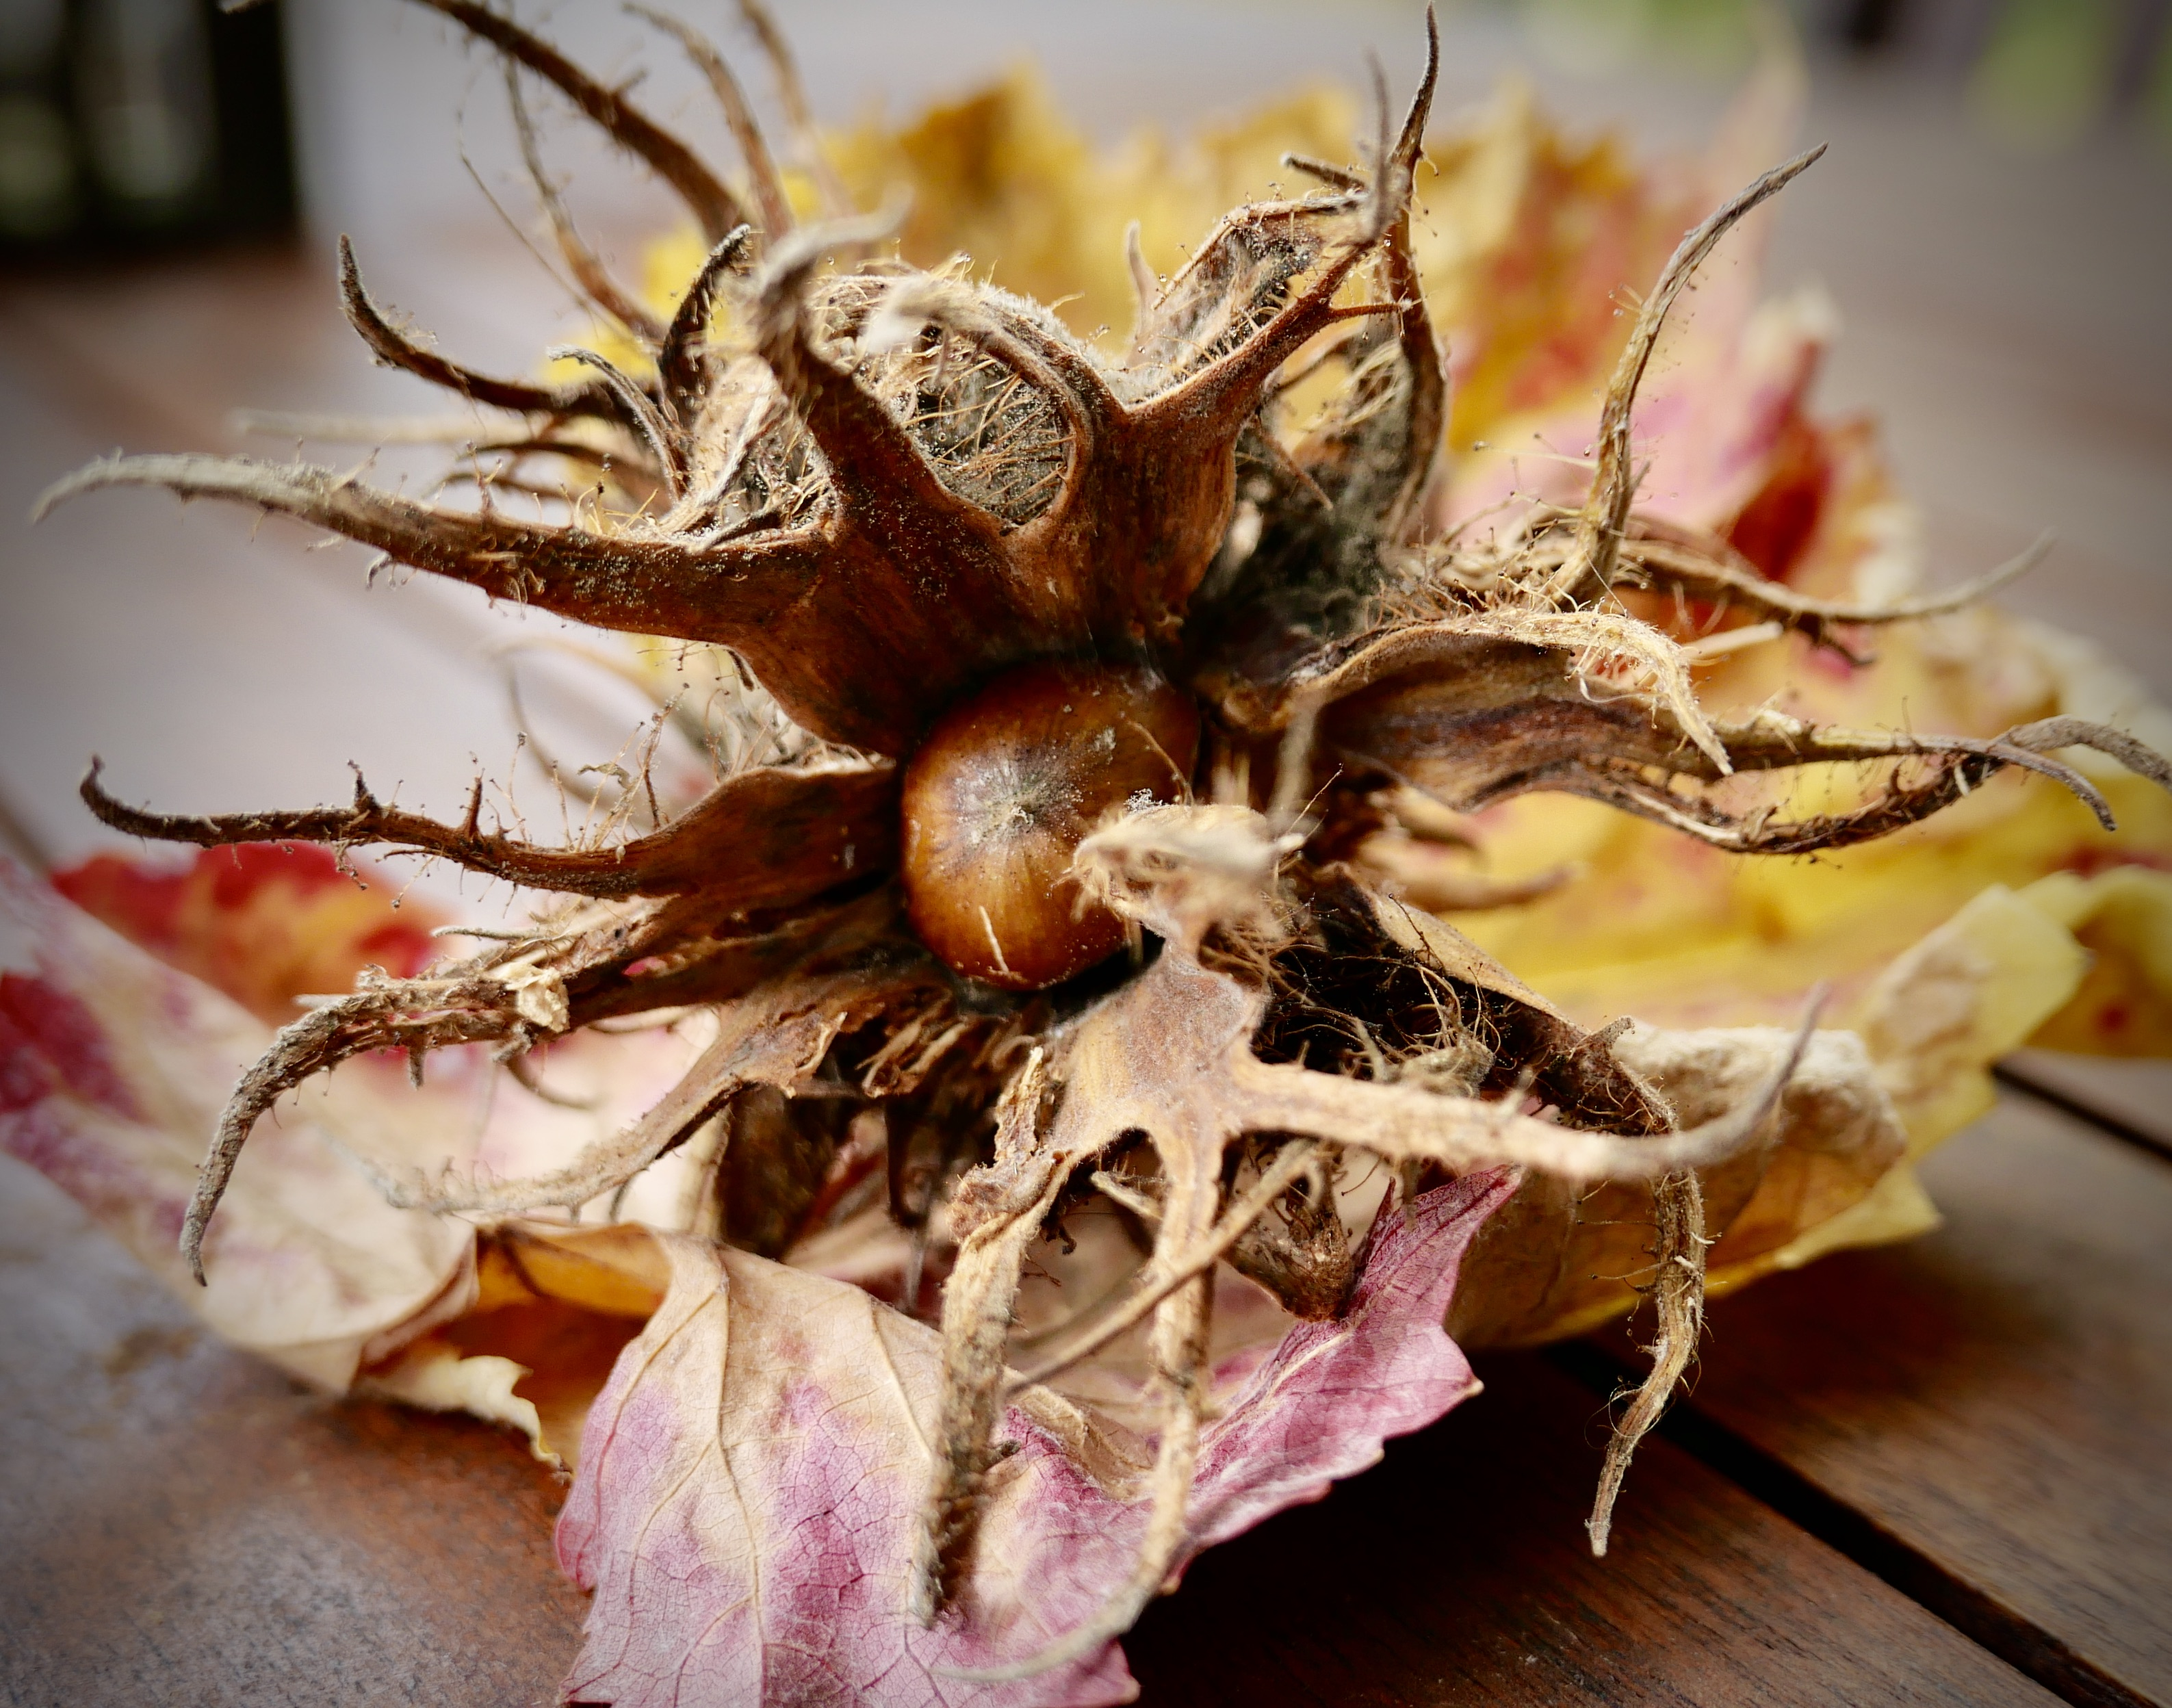 Haselnussblüte auf Weinlaub